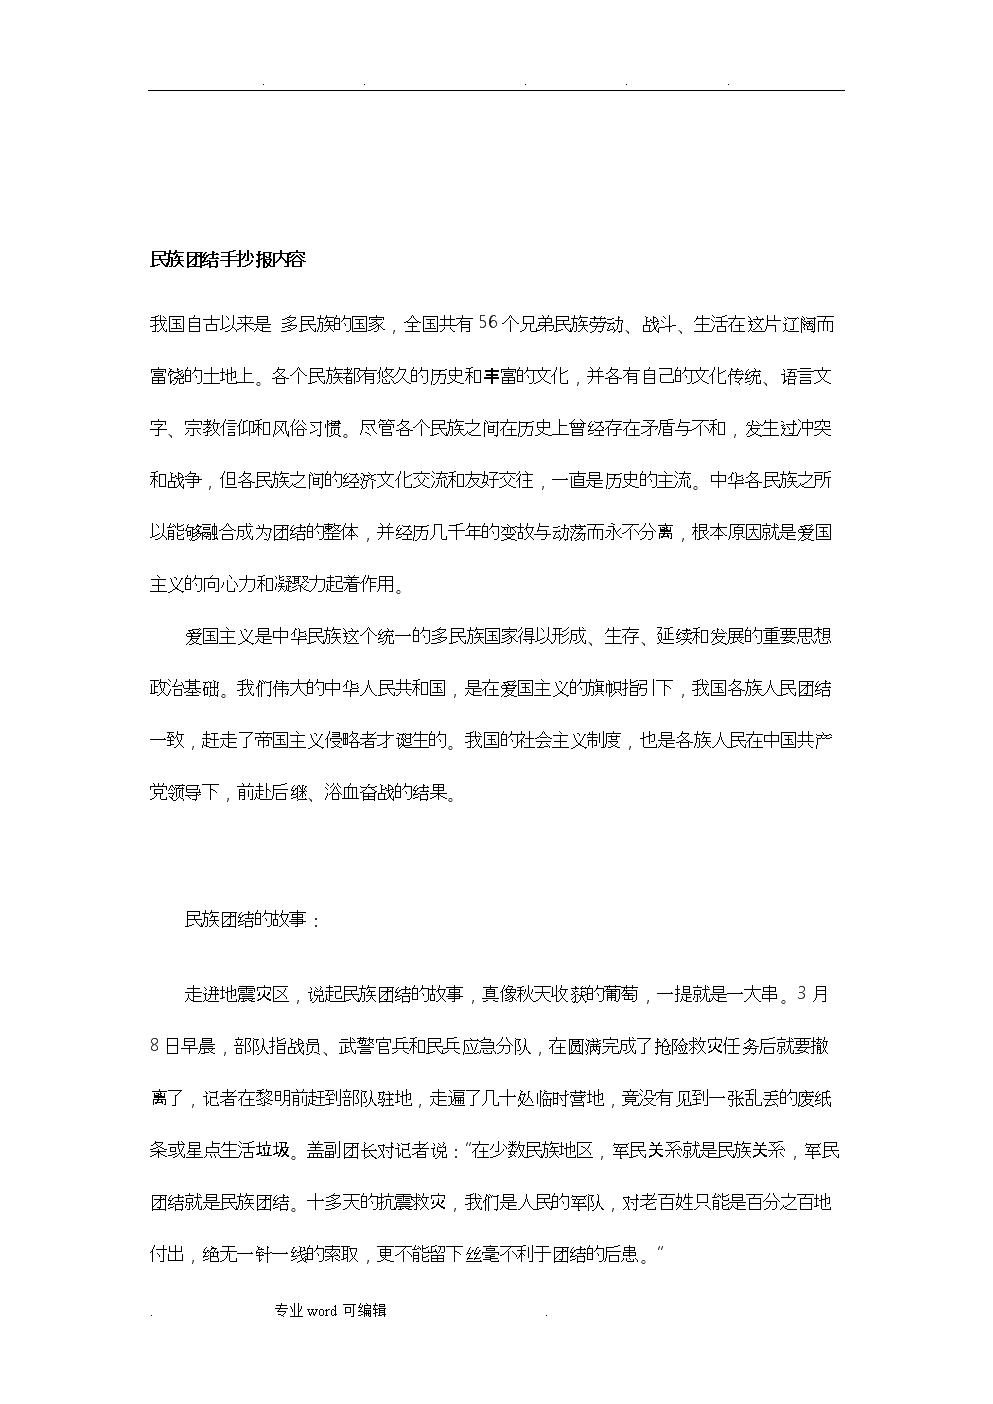 民族团结手抄报资料_(1).doc